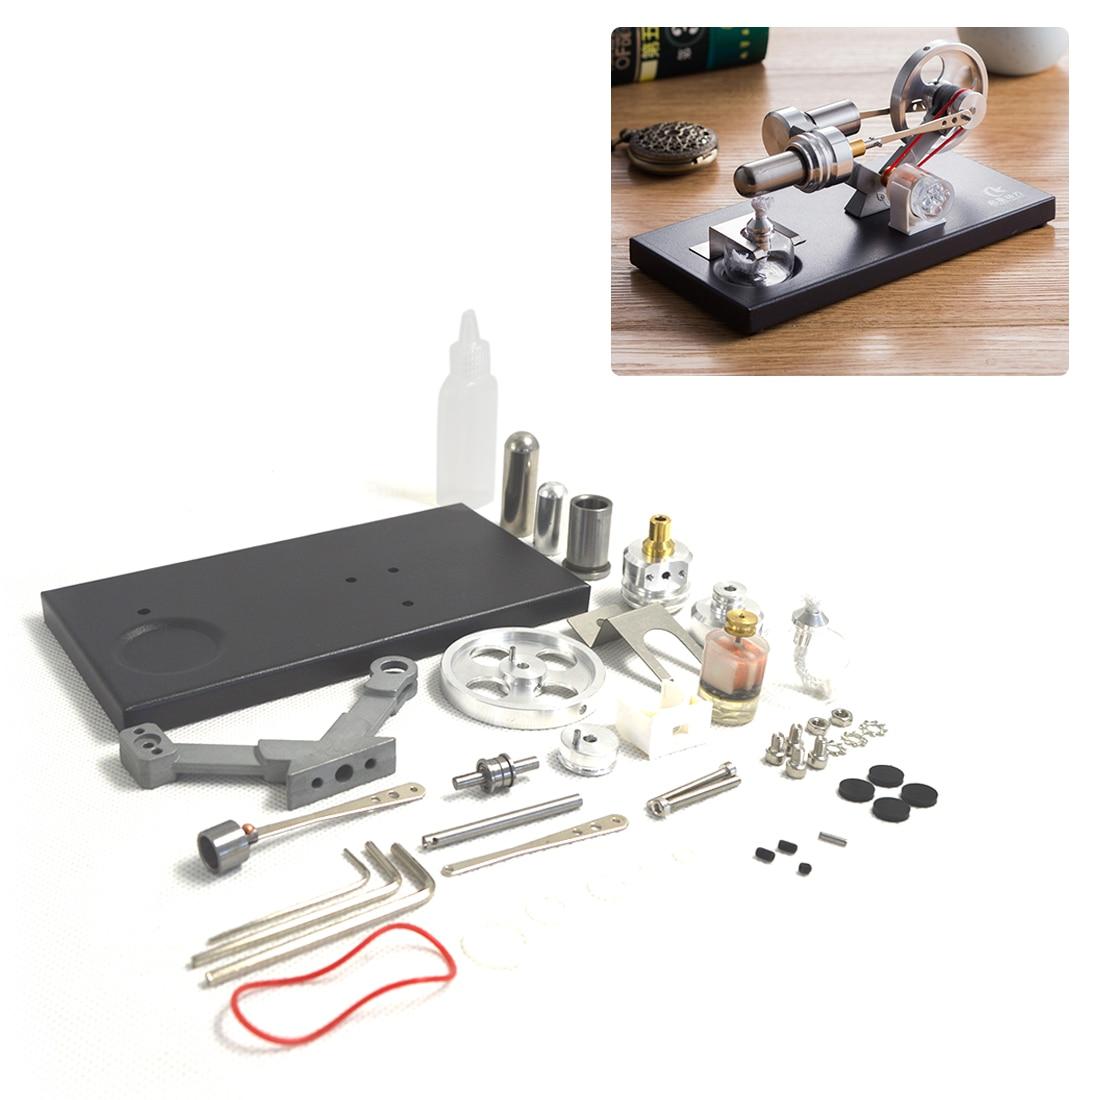 Metal Cylinder Stirling Engine Generator Heat Engine With 4 LED Lights And Black Metal Base DIY Steam Model Set-Assembly Version